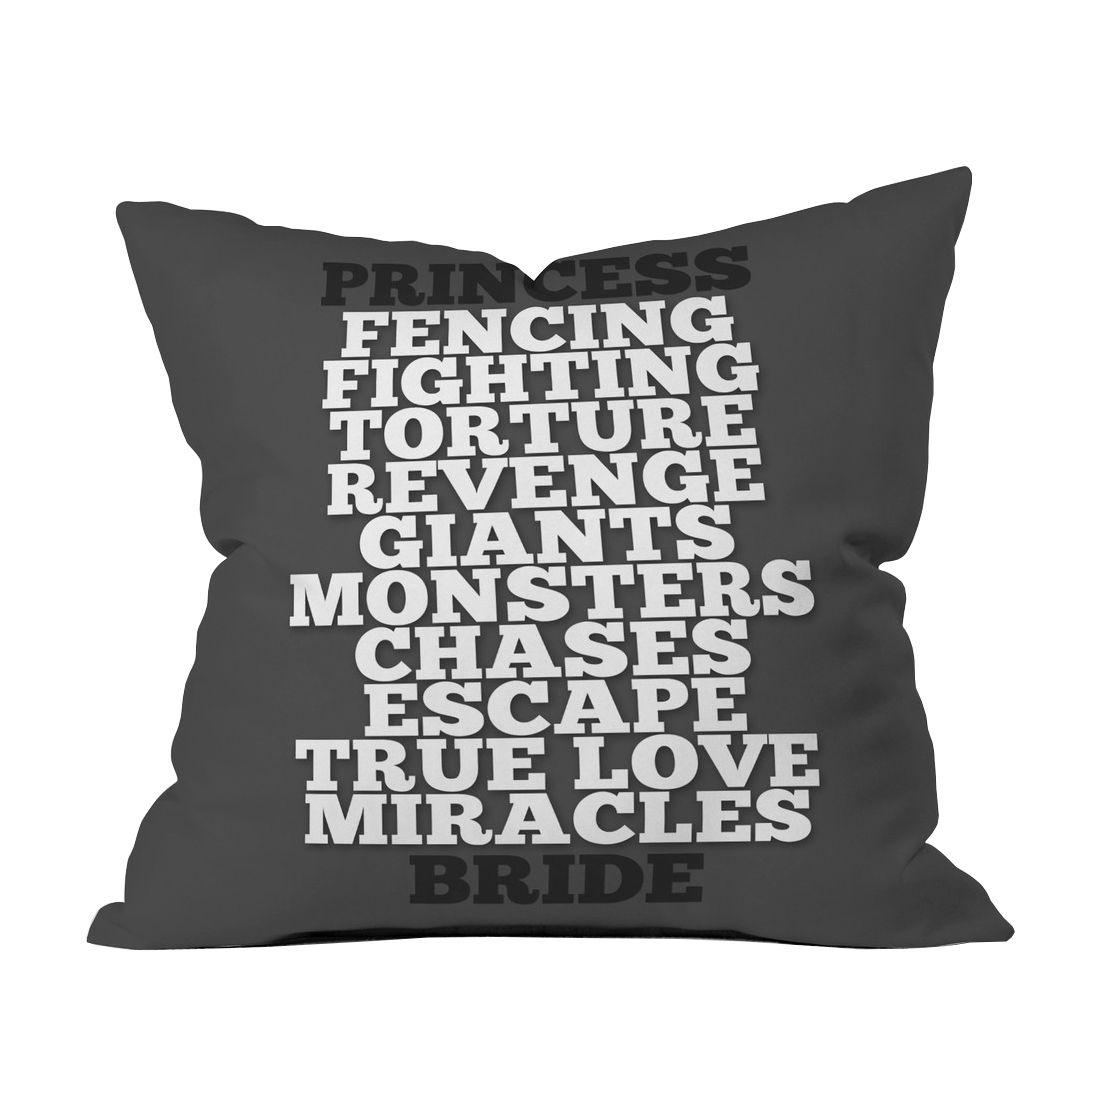 Fencing & True Love Throw Pillow Cover | dotandbo.com